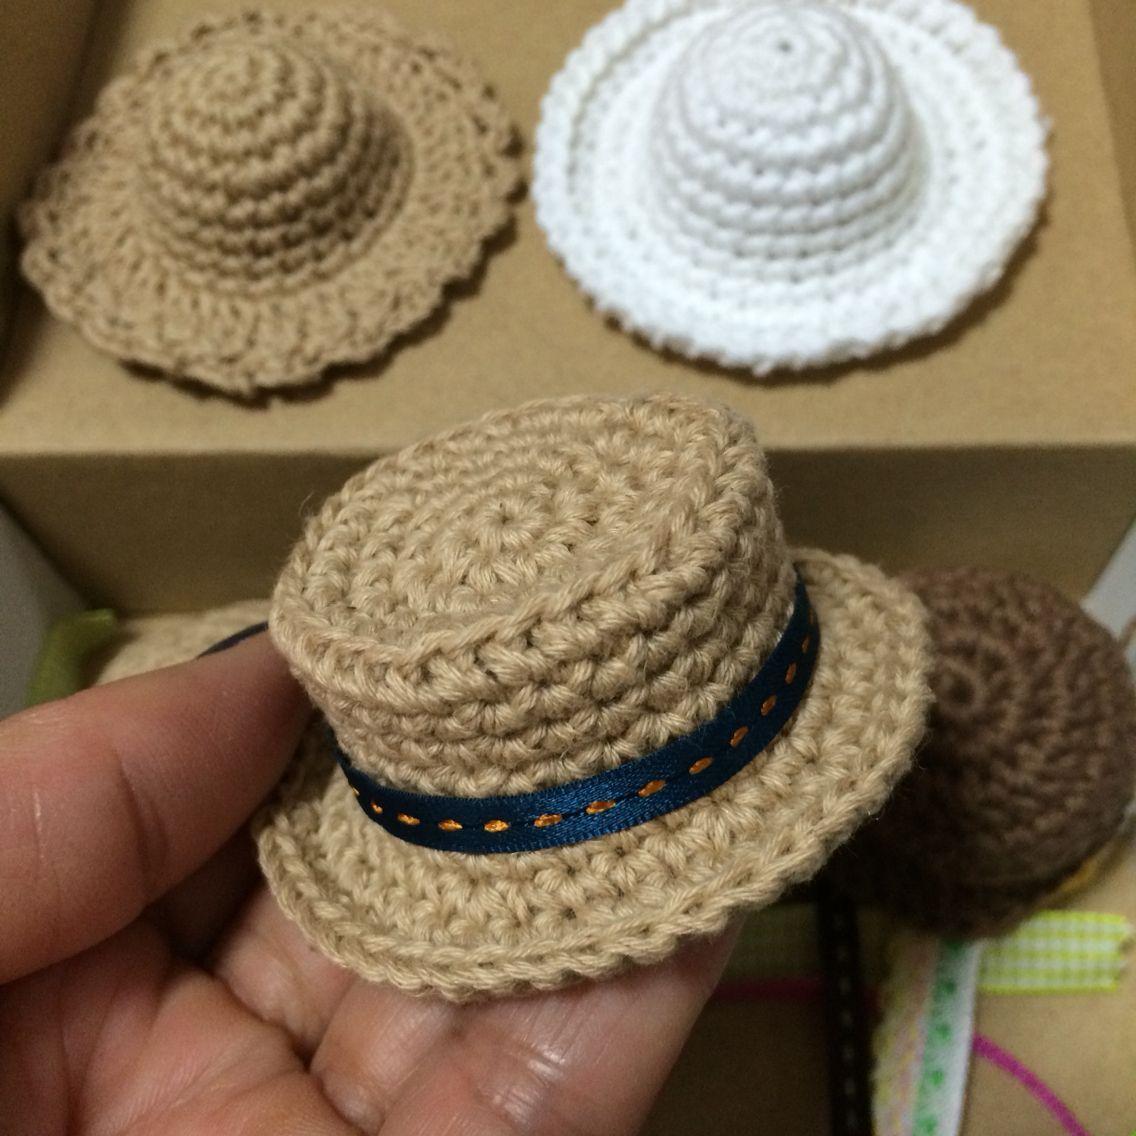 Pin von Arti auf Amigurumi | Pinterest | Handarbeiten